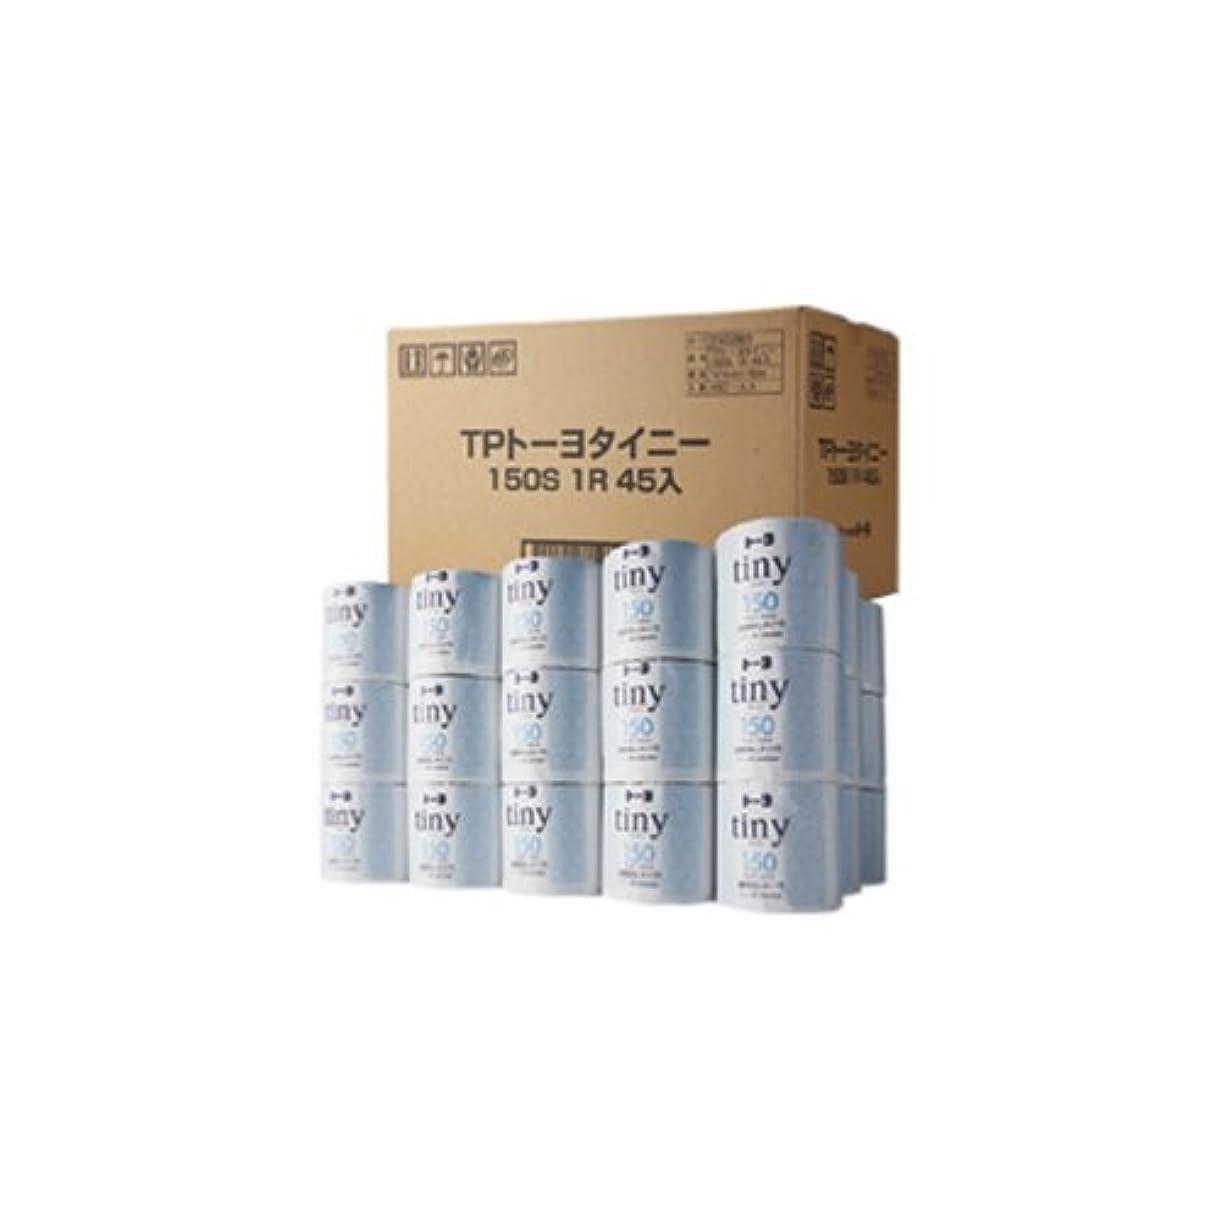 偶然望ましい腫瘍タイニー業務用 トイレットペーパー 個包装 150m 45ロール/箱